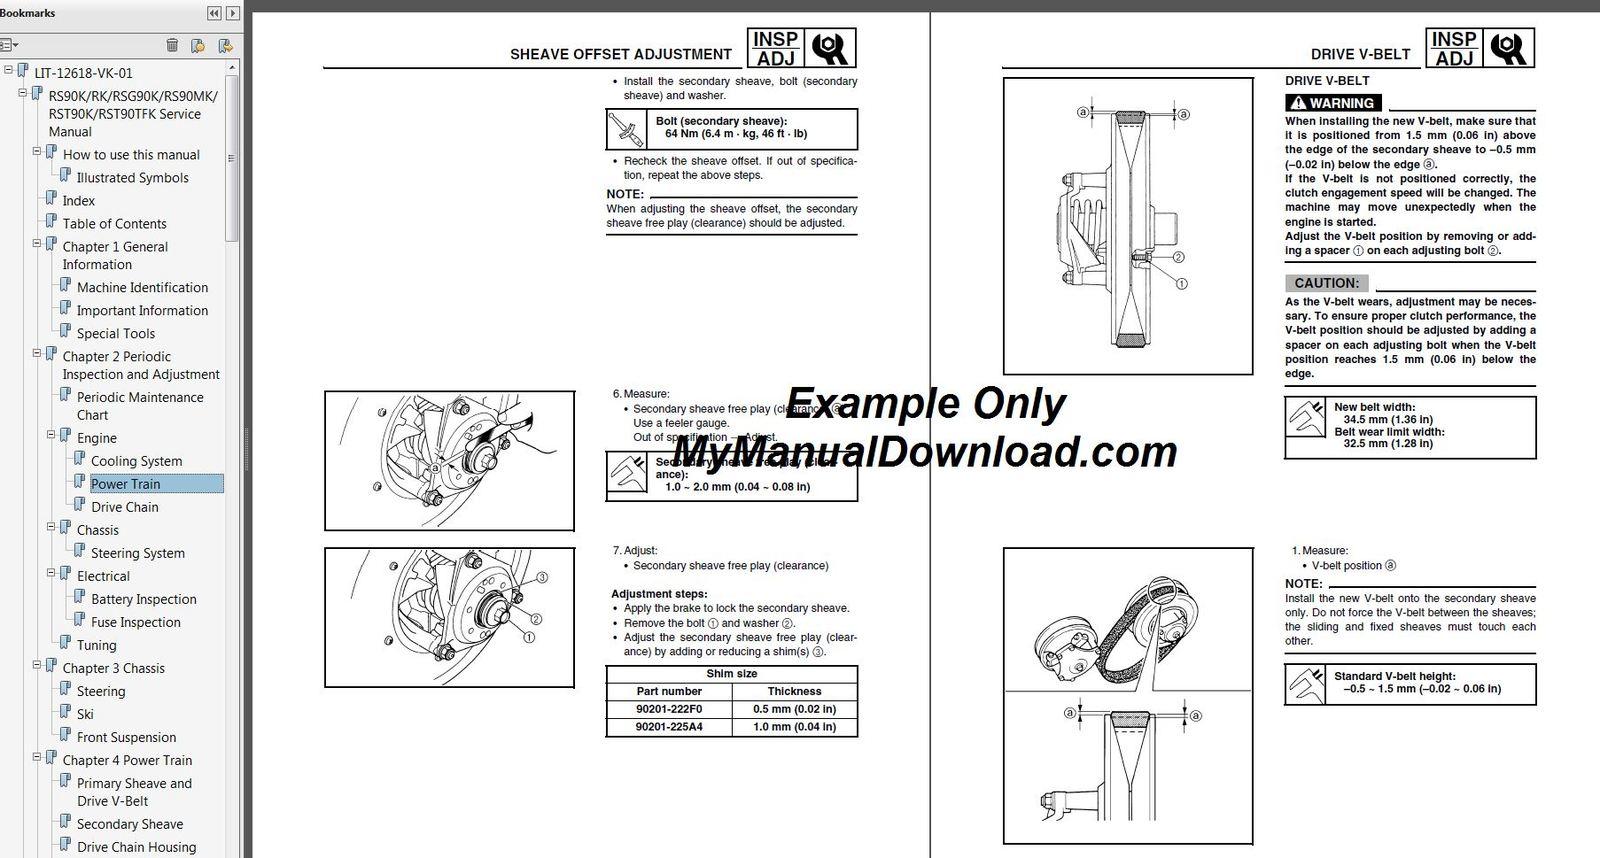 yamaha nytro wiring diagram 5aa4 2010 yamaha nytro wiring diagram wiring resources  5aa4 2010 yamaha nytro wiring diagram